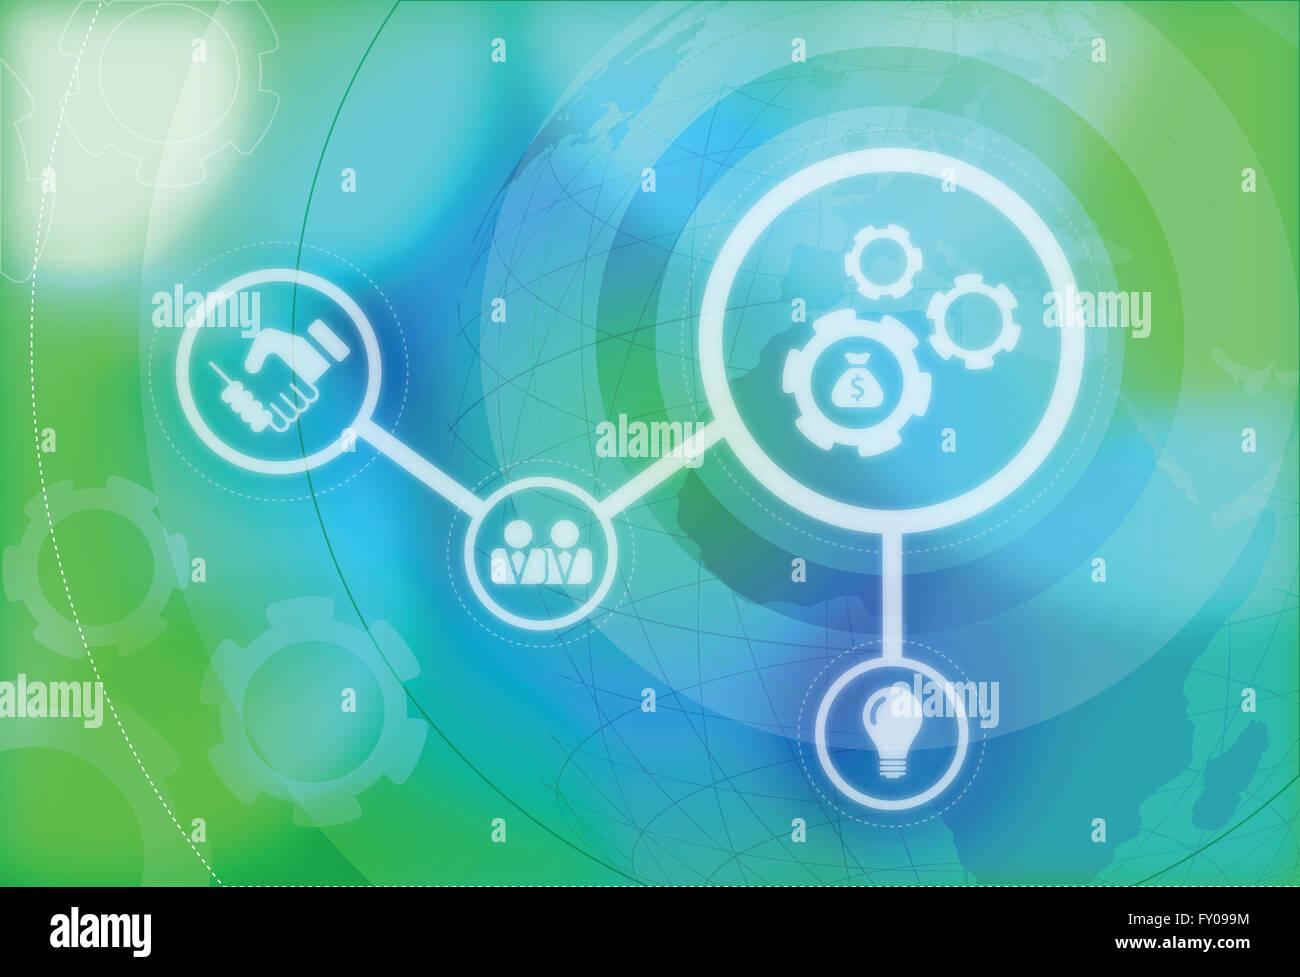 Imagen ilustrativa la mecánica de los negocios, la política y los negocios la fusión Imagen De Stock